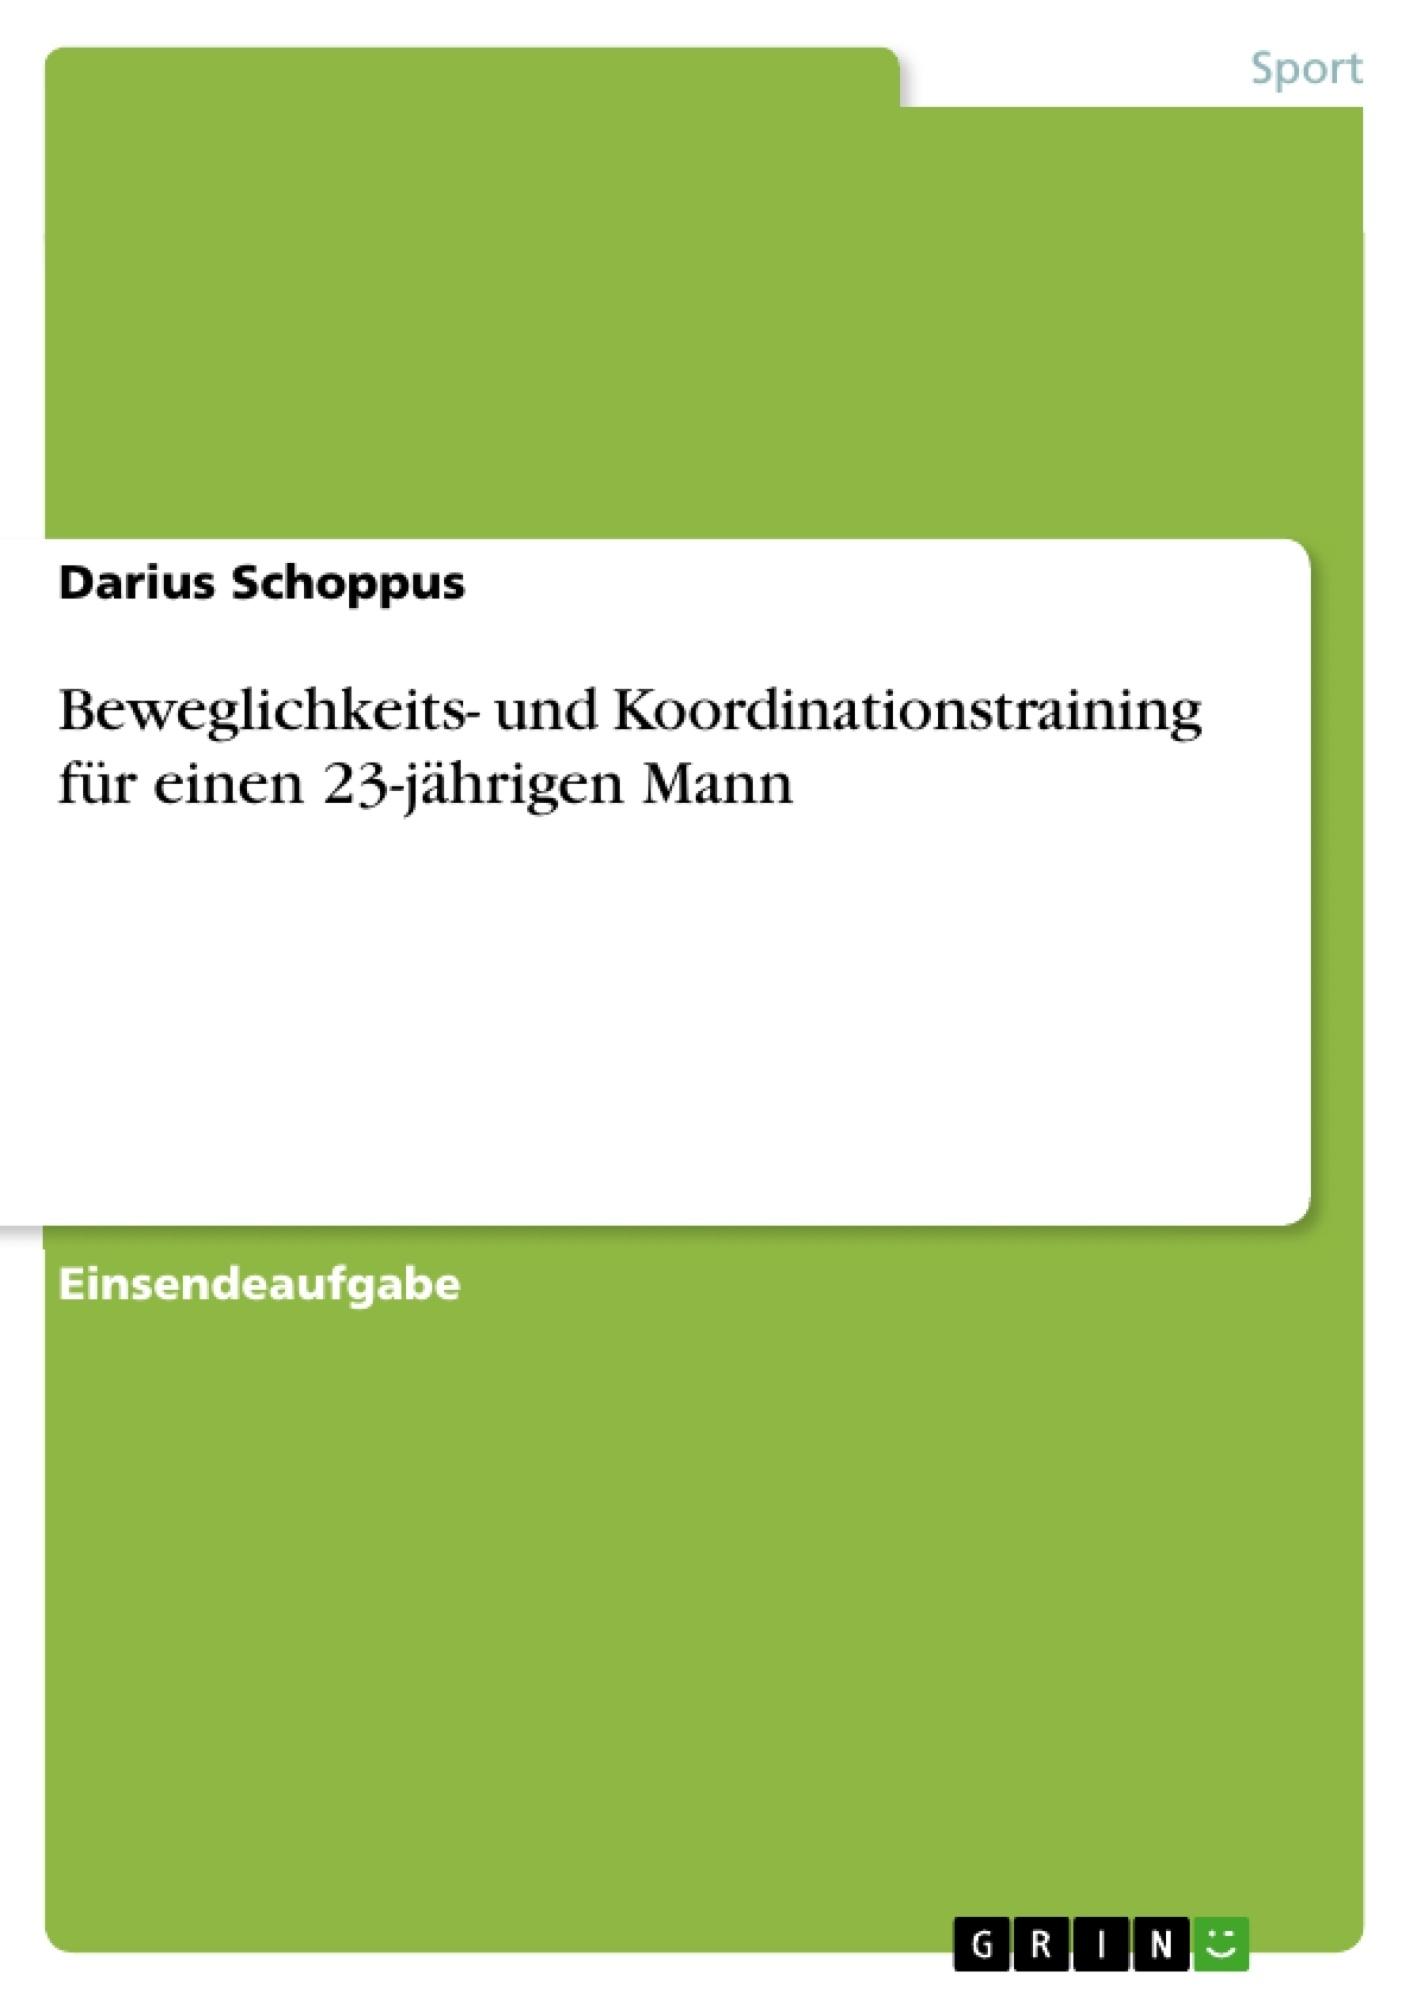 Titel: Beweglichkeits- und Koordinationstraining für einen 23-jährigen Mann